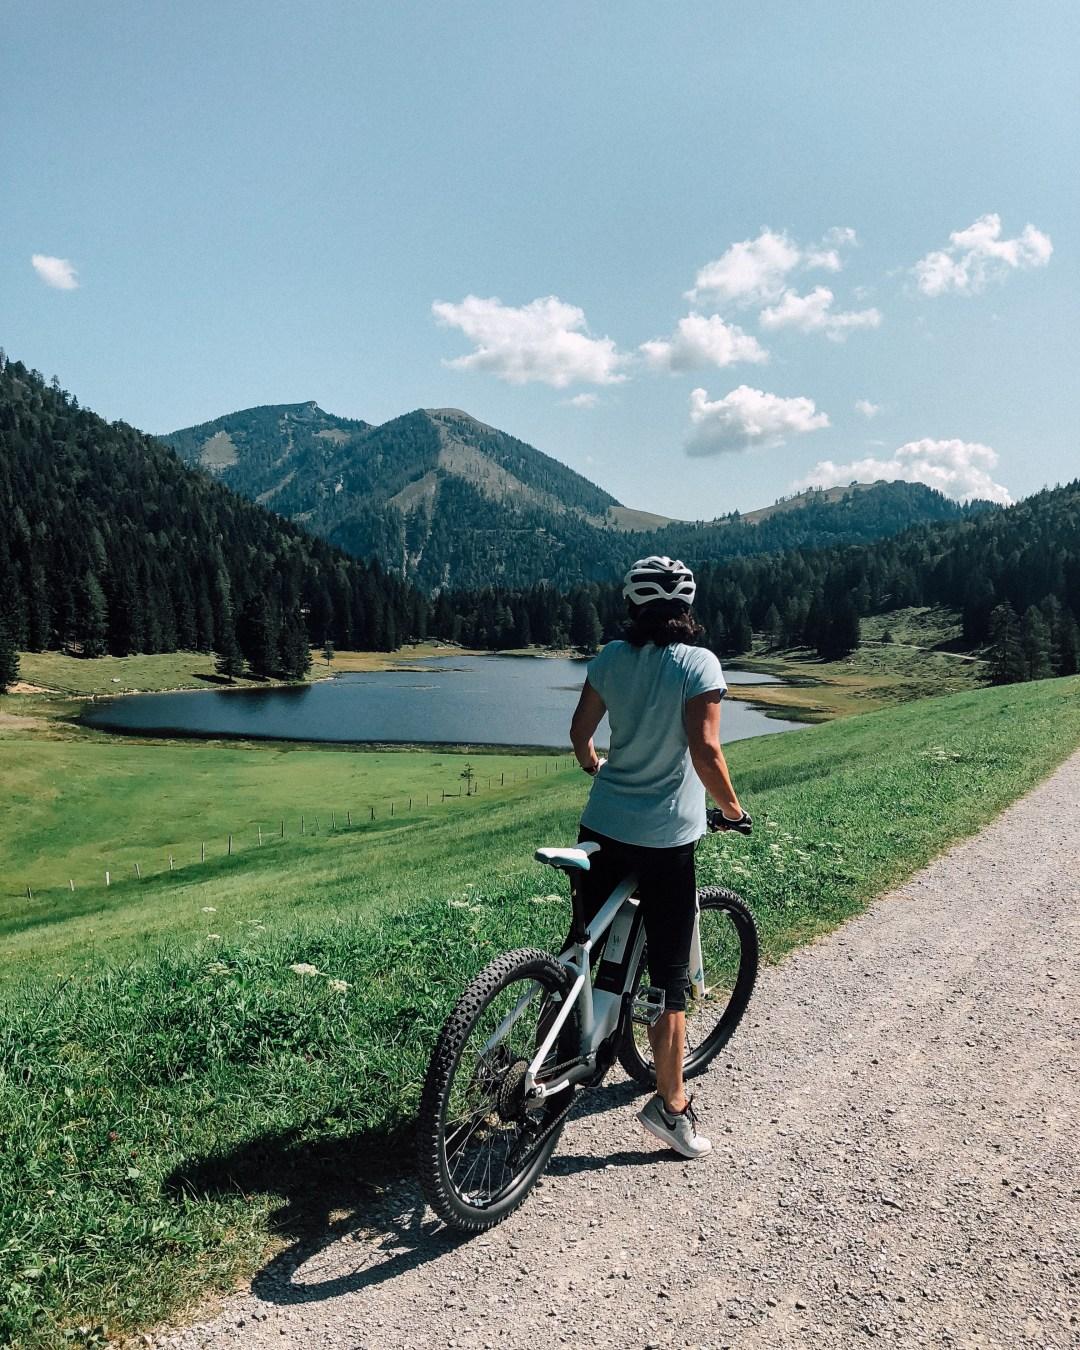 inastil, Seewaldsee, sommerzeit, sommerinösterreich, salzburgerland, ü50blogger, MTB-Tour, Tennengau, E-Mountainbike, Almjause, Sport, Bergsee,_-12